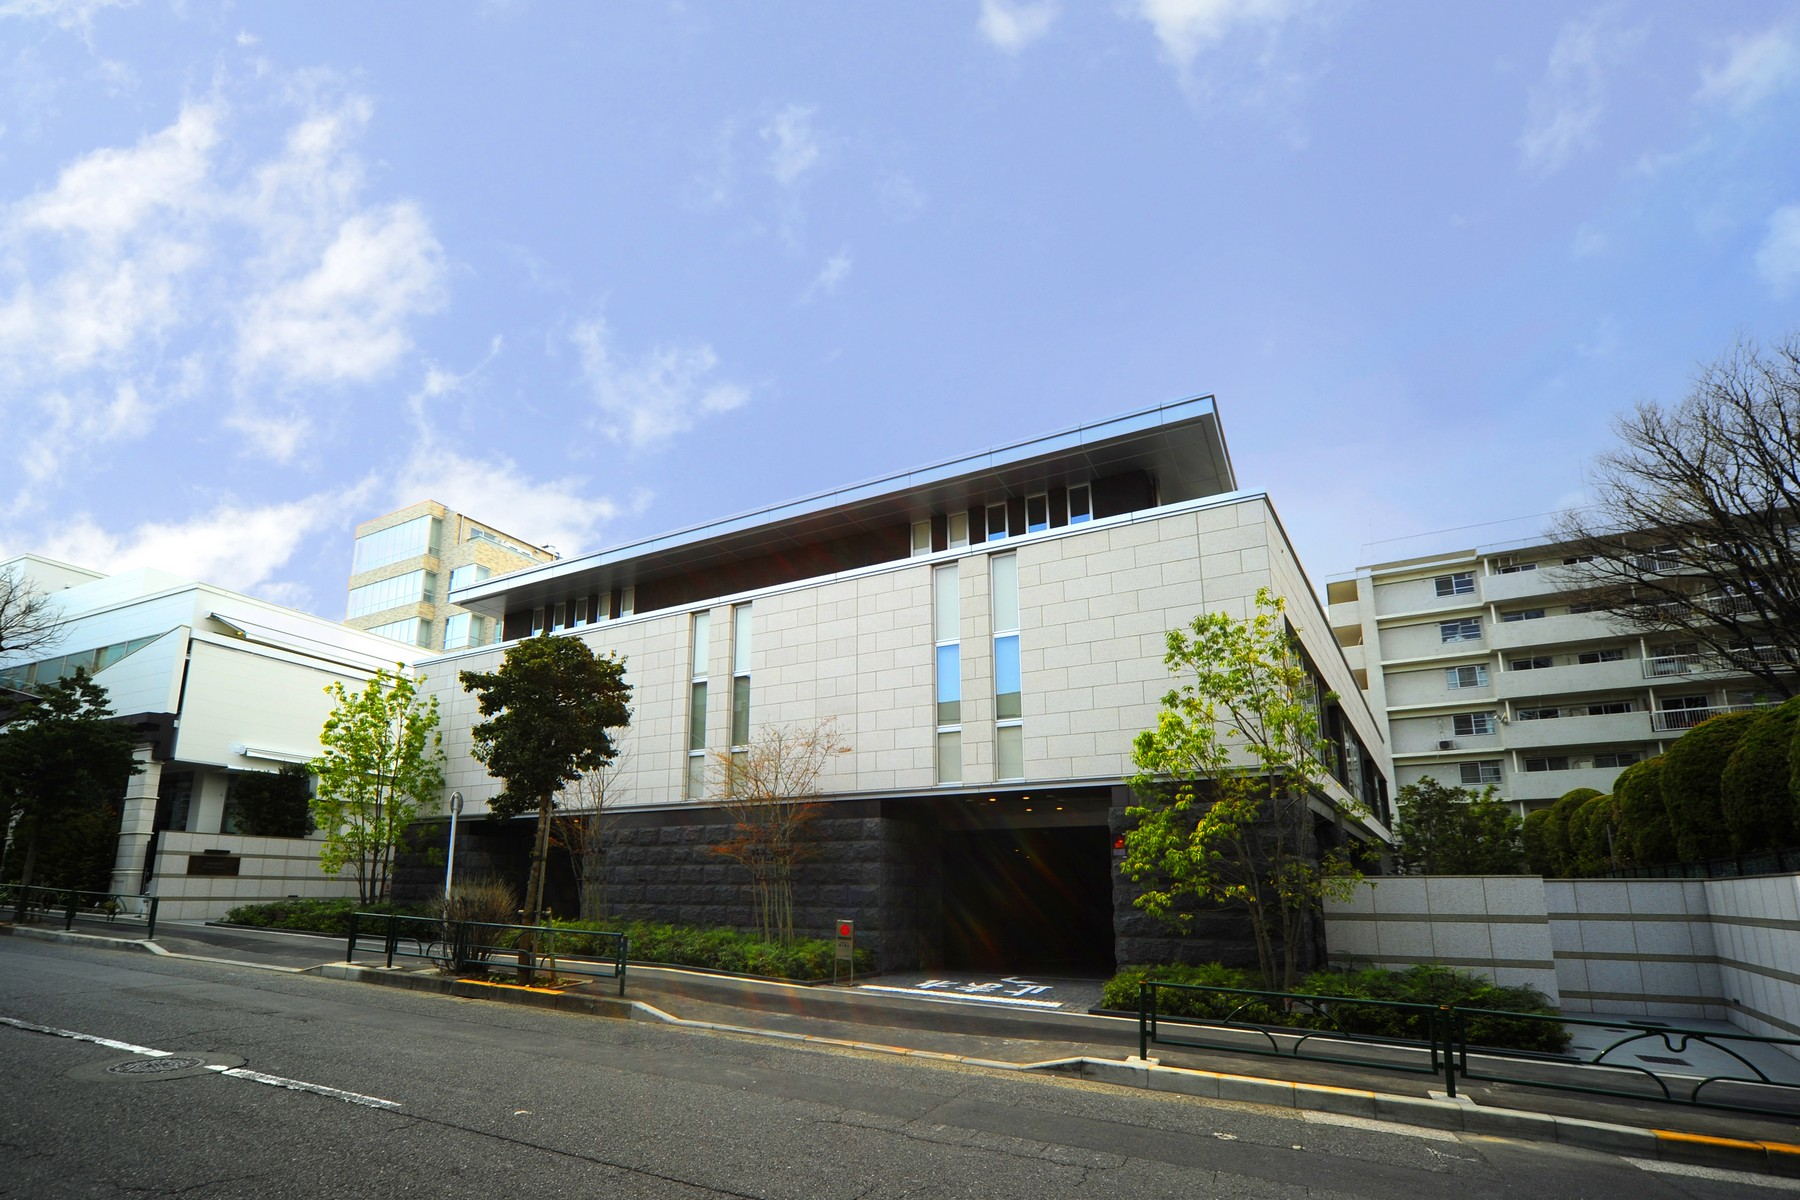 Căn hộ vì Bán tại Premist Minami Aoyama Minato-Ku, Tokyo Nhật Bản